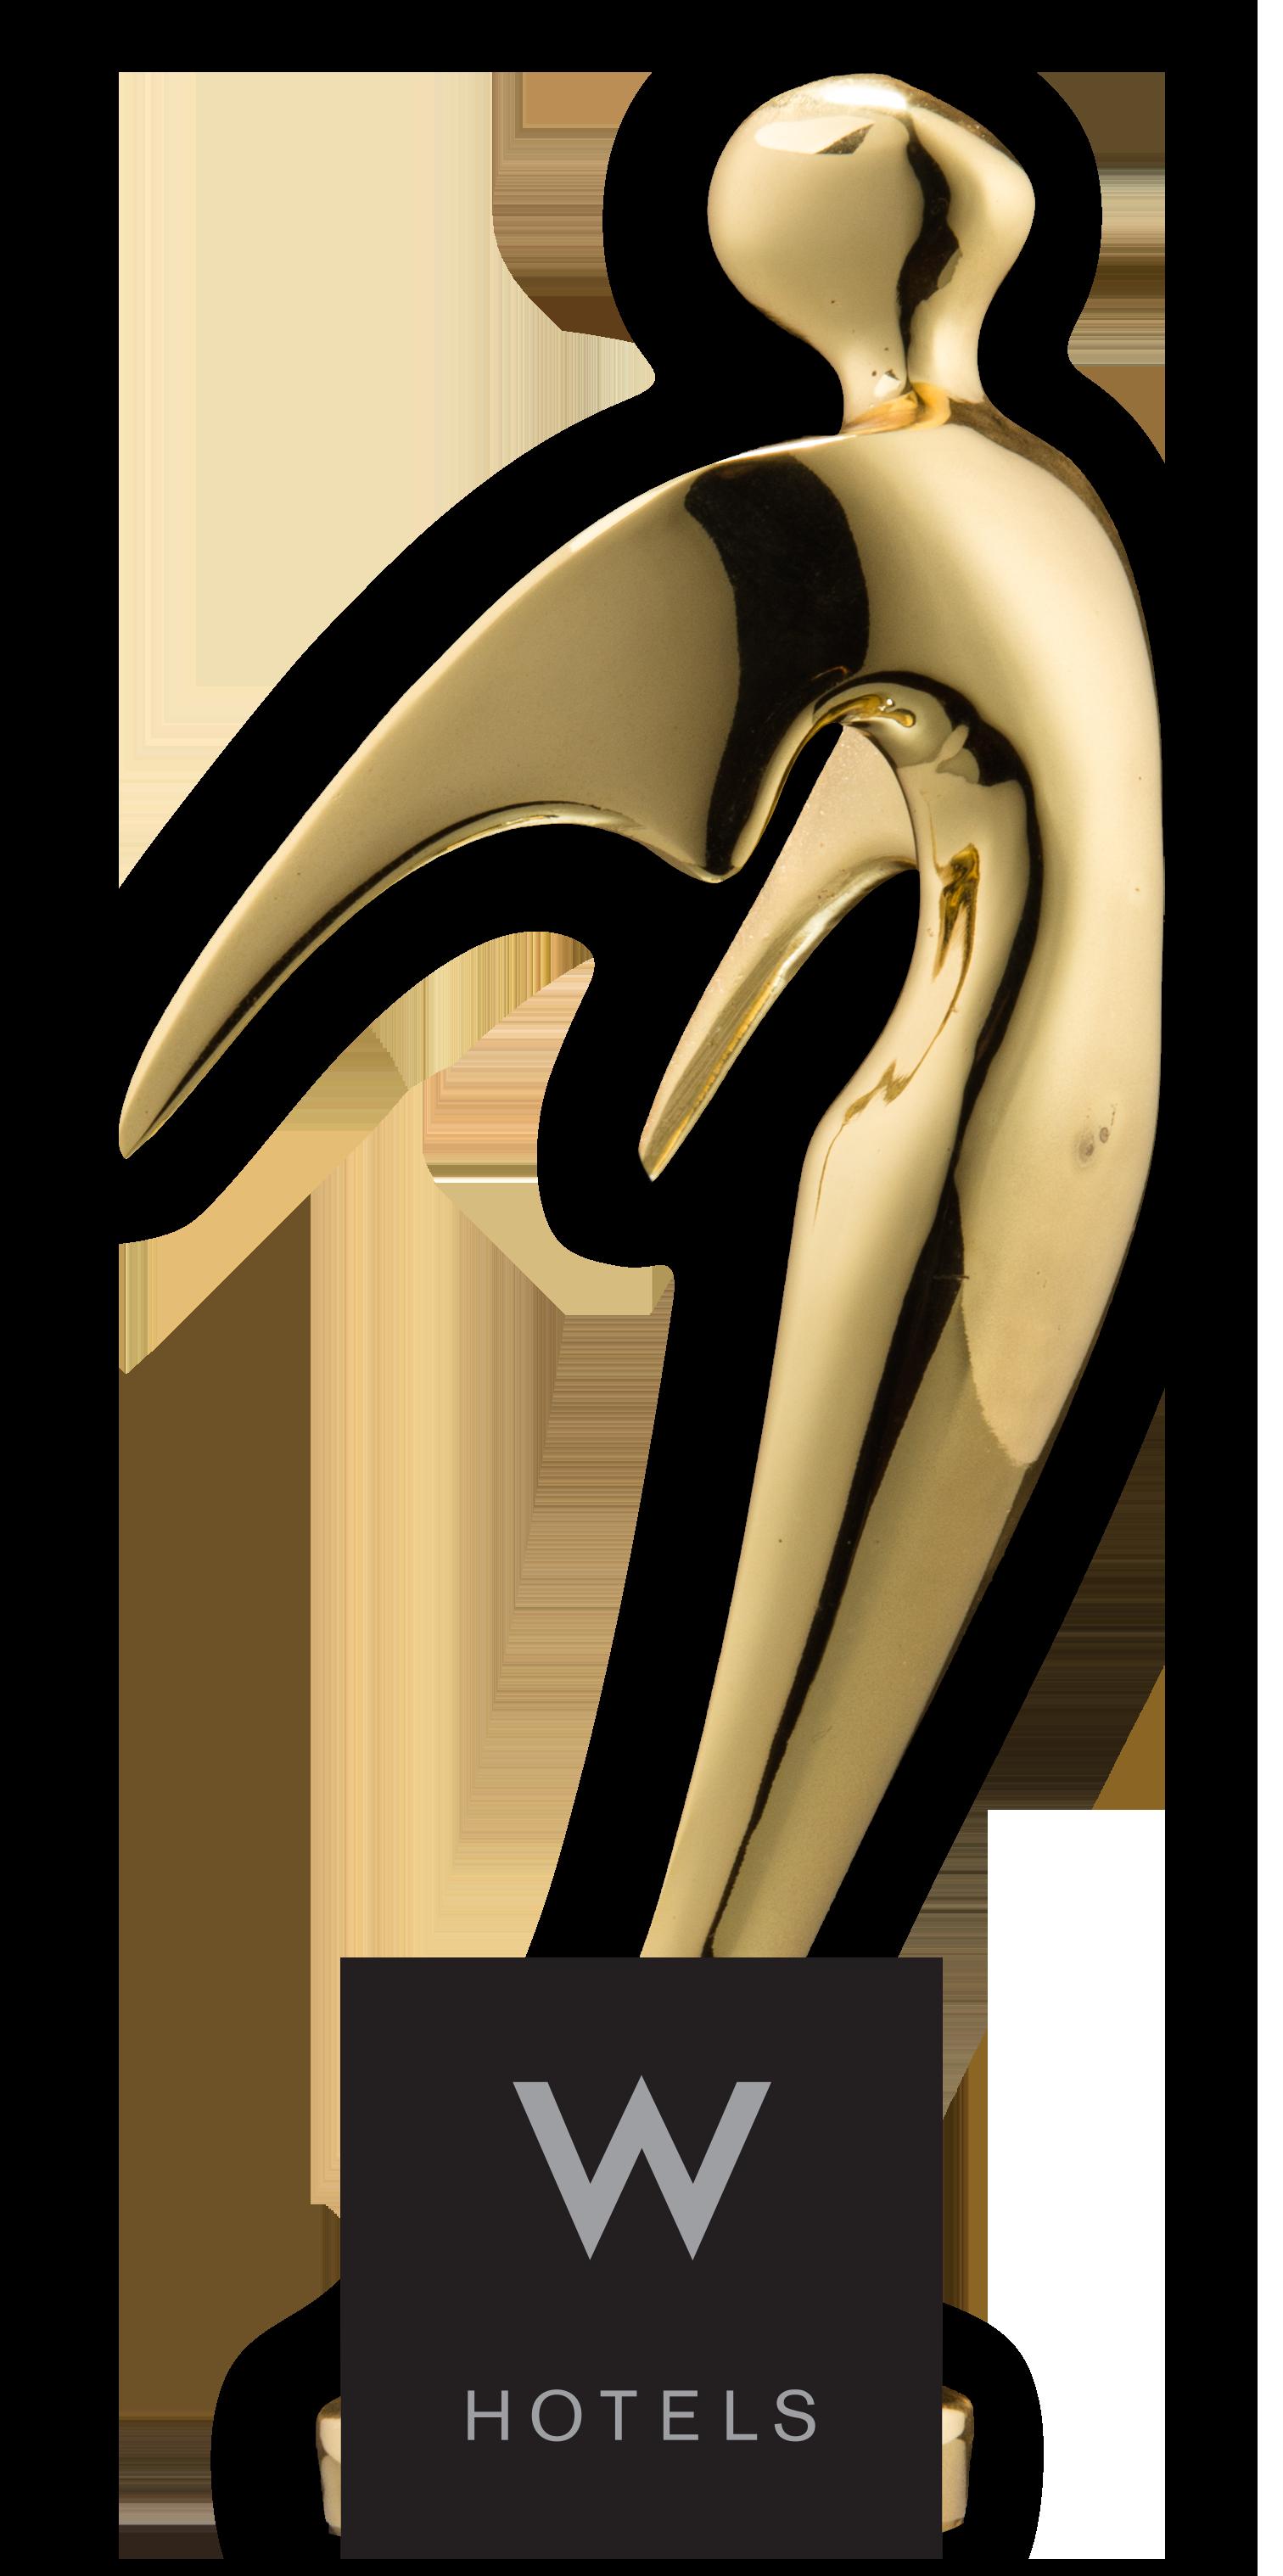 https://openap.neutralairpartner.com/wp-content/uploads/2021/09/award.png